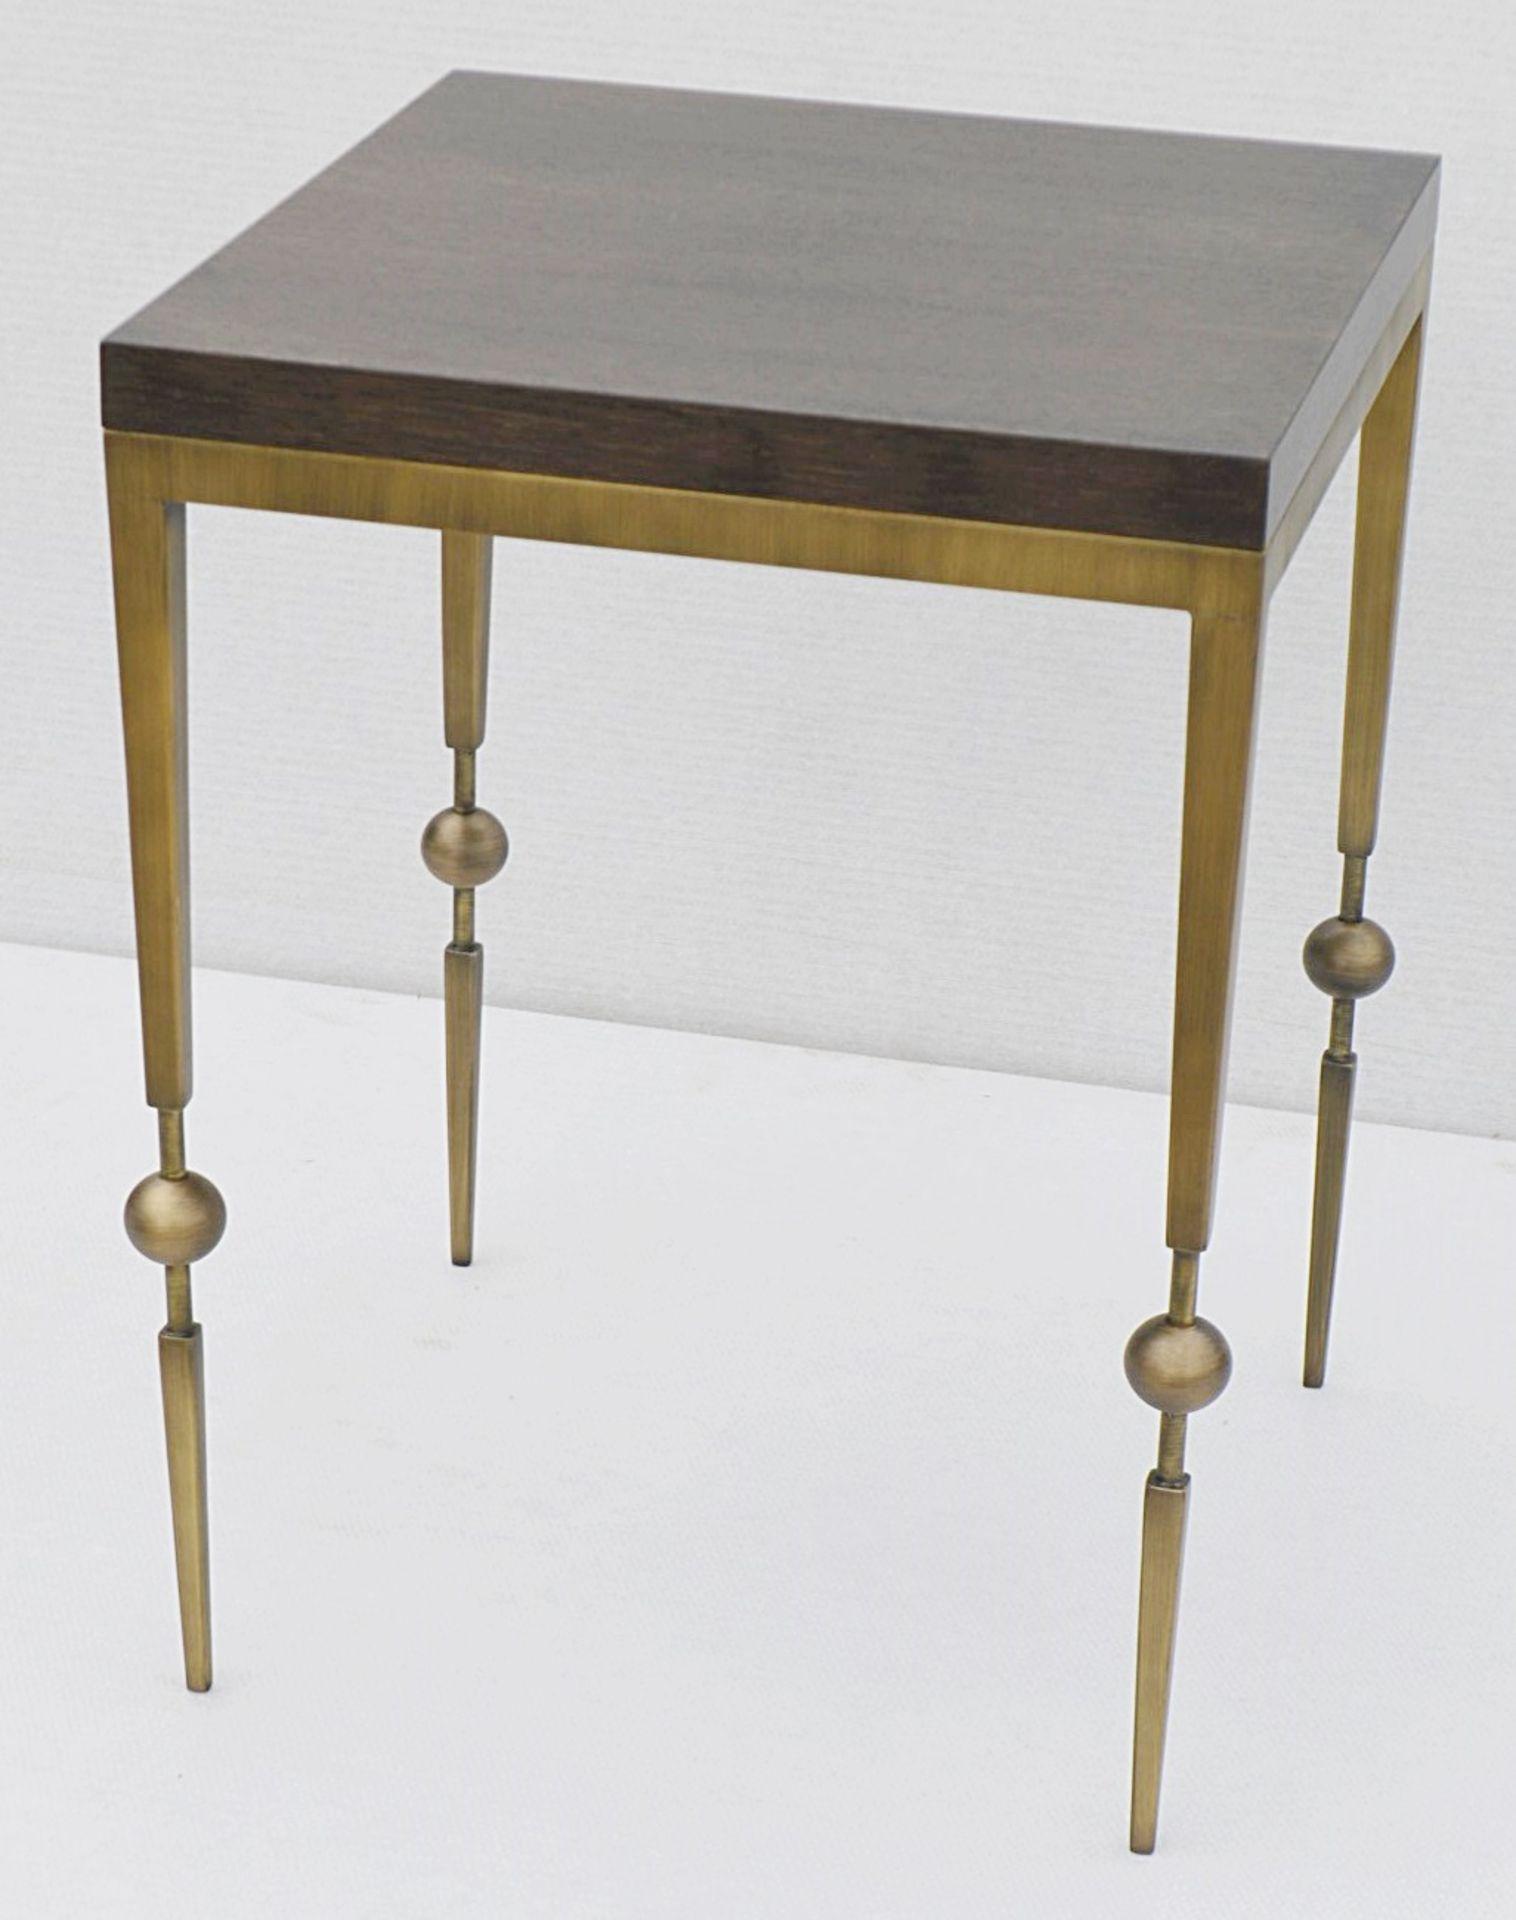 1 x JUSTIN VAN BREDA 'Sphere' Designer Occasional Table - Original RRP £1,200 - Image 3 of 6